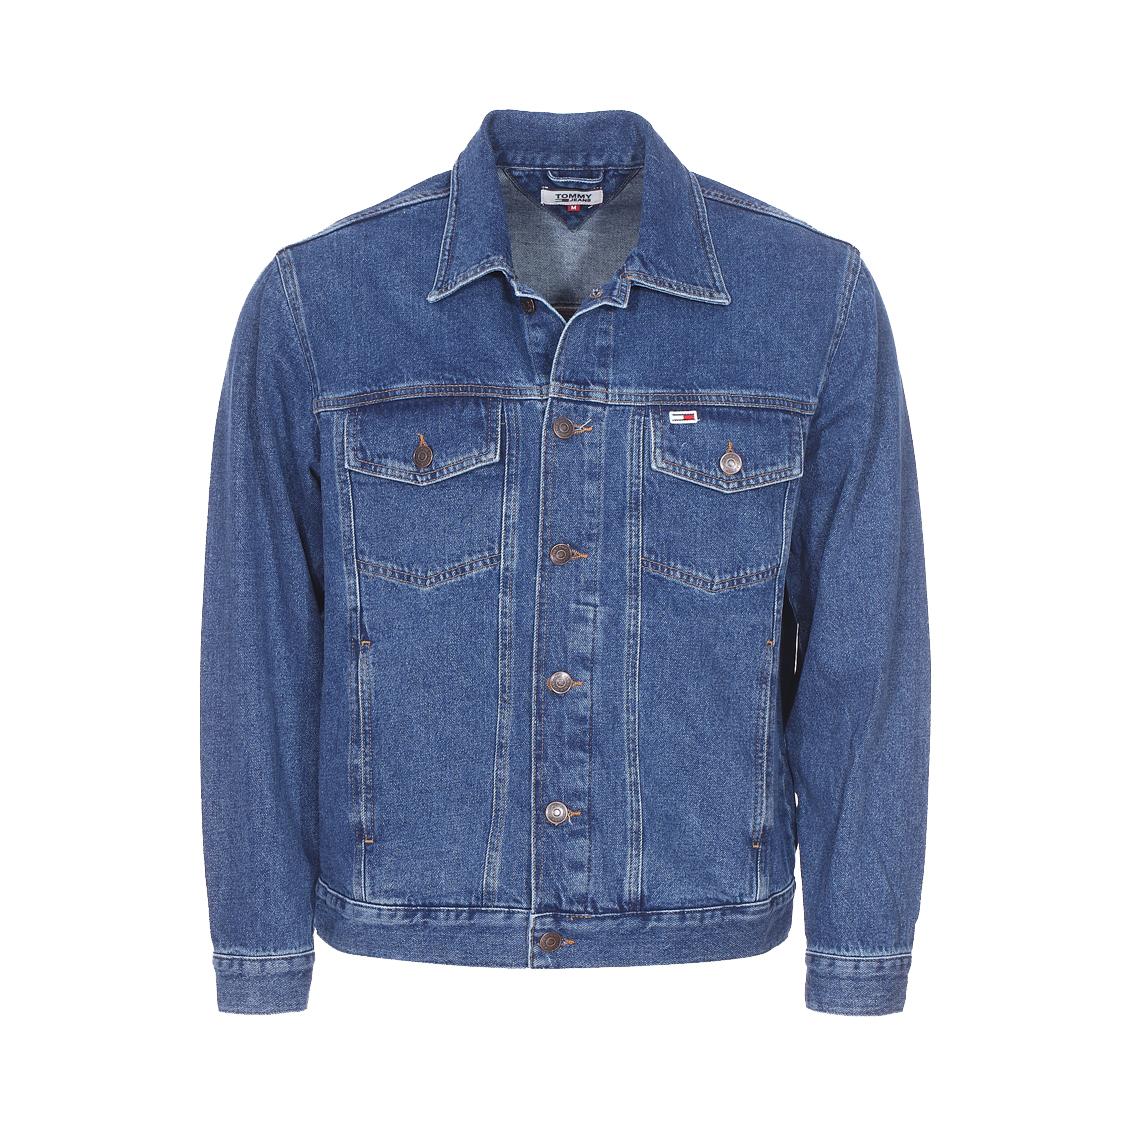 Veste en jean Tommy Jeans Classics en coton bleu. Veste Tommy Jeans  - Coton (100%) - Bleu jean - Coupe oversize